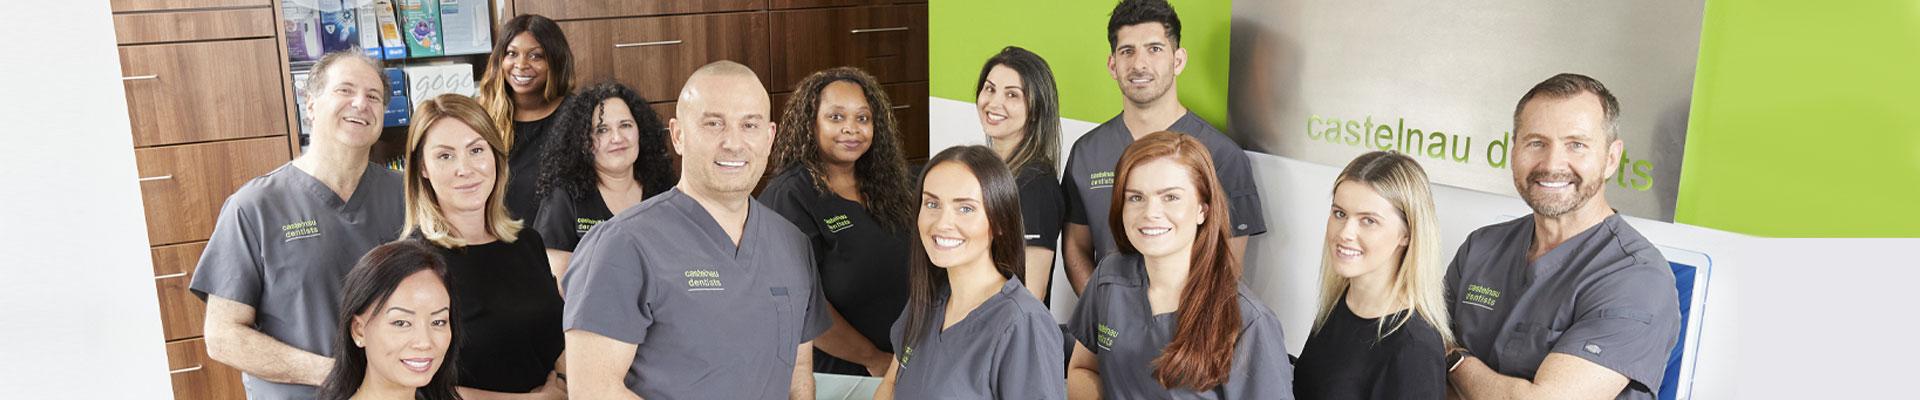 Castlnau Dentists